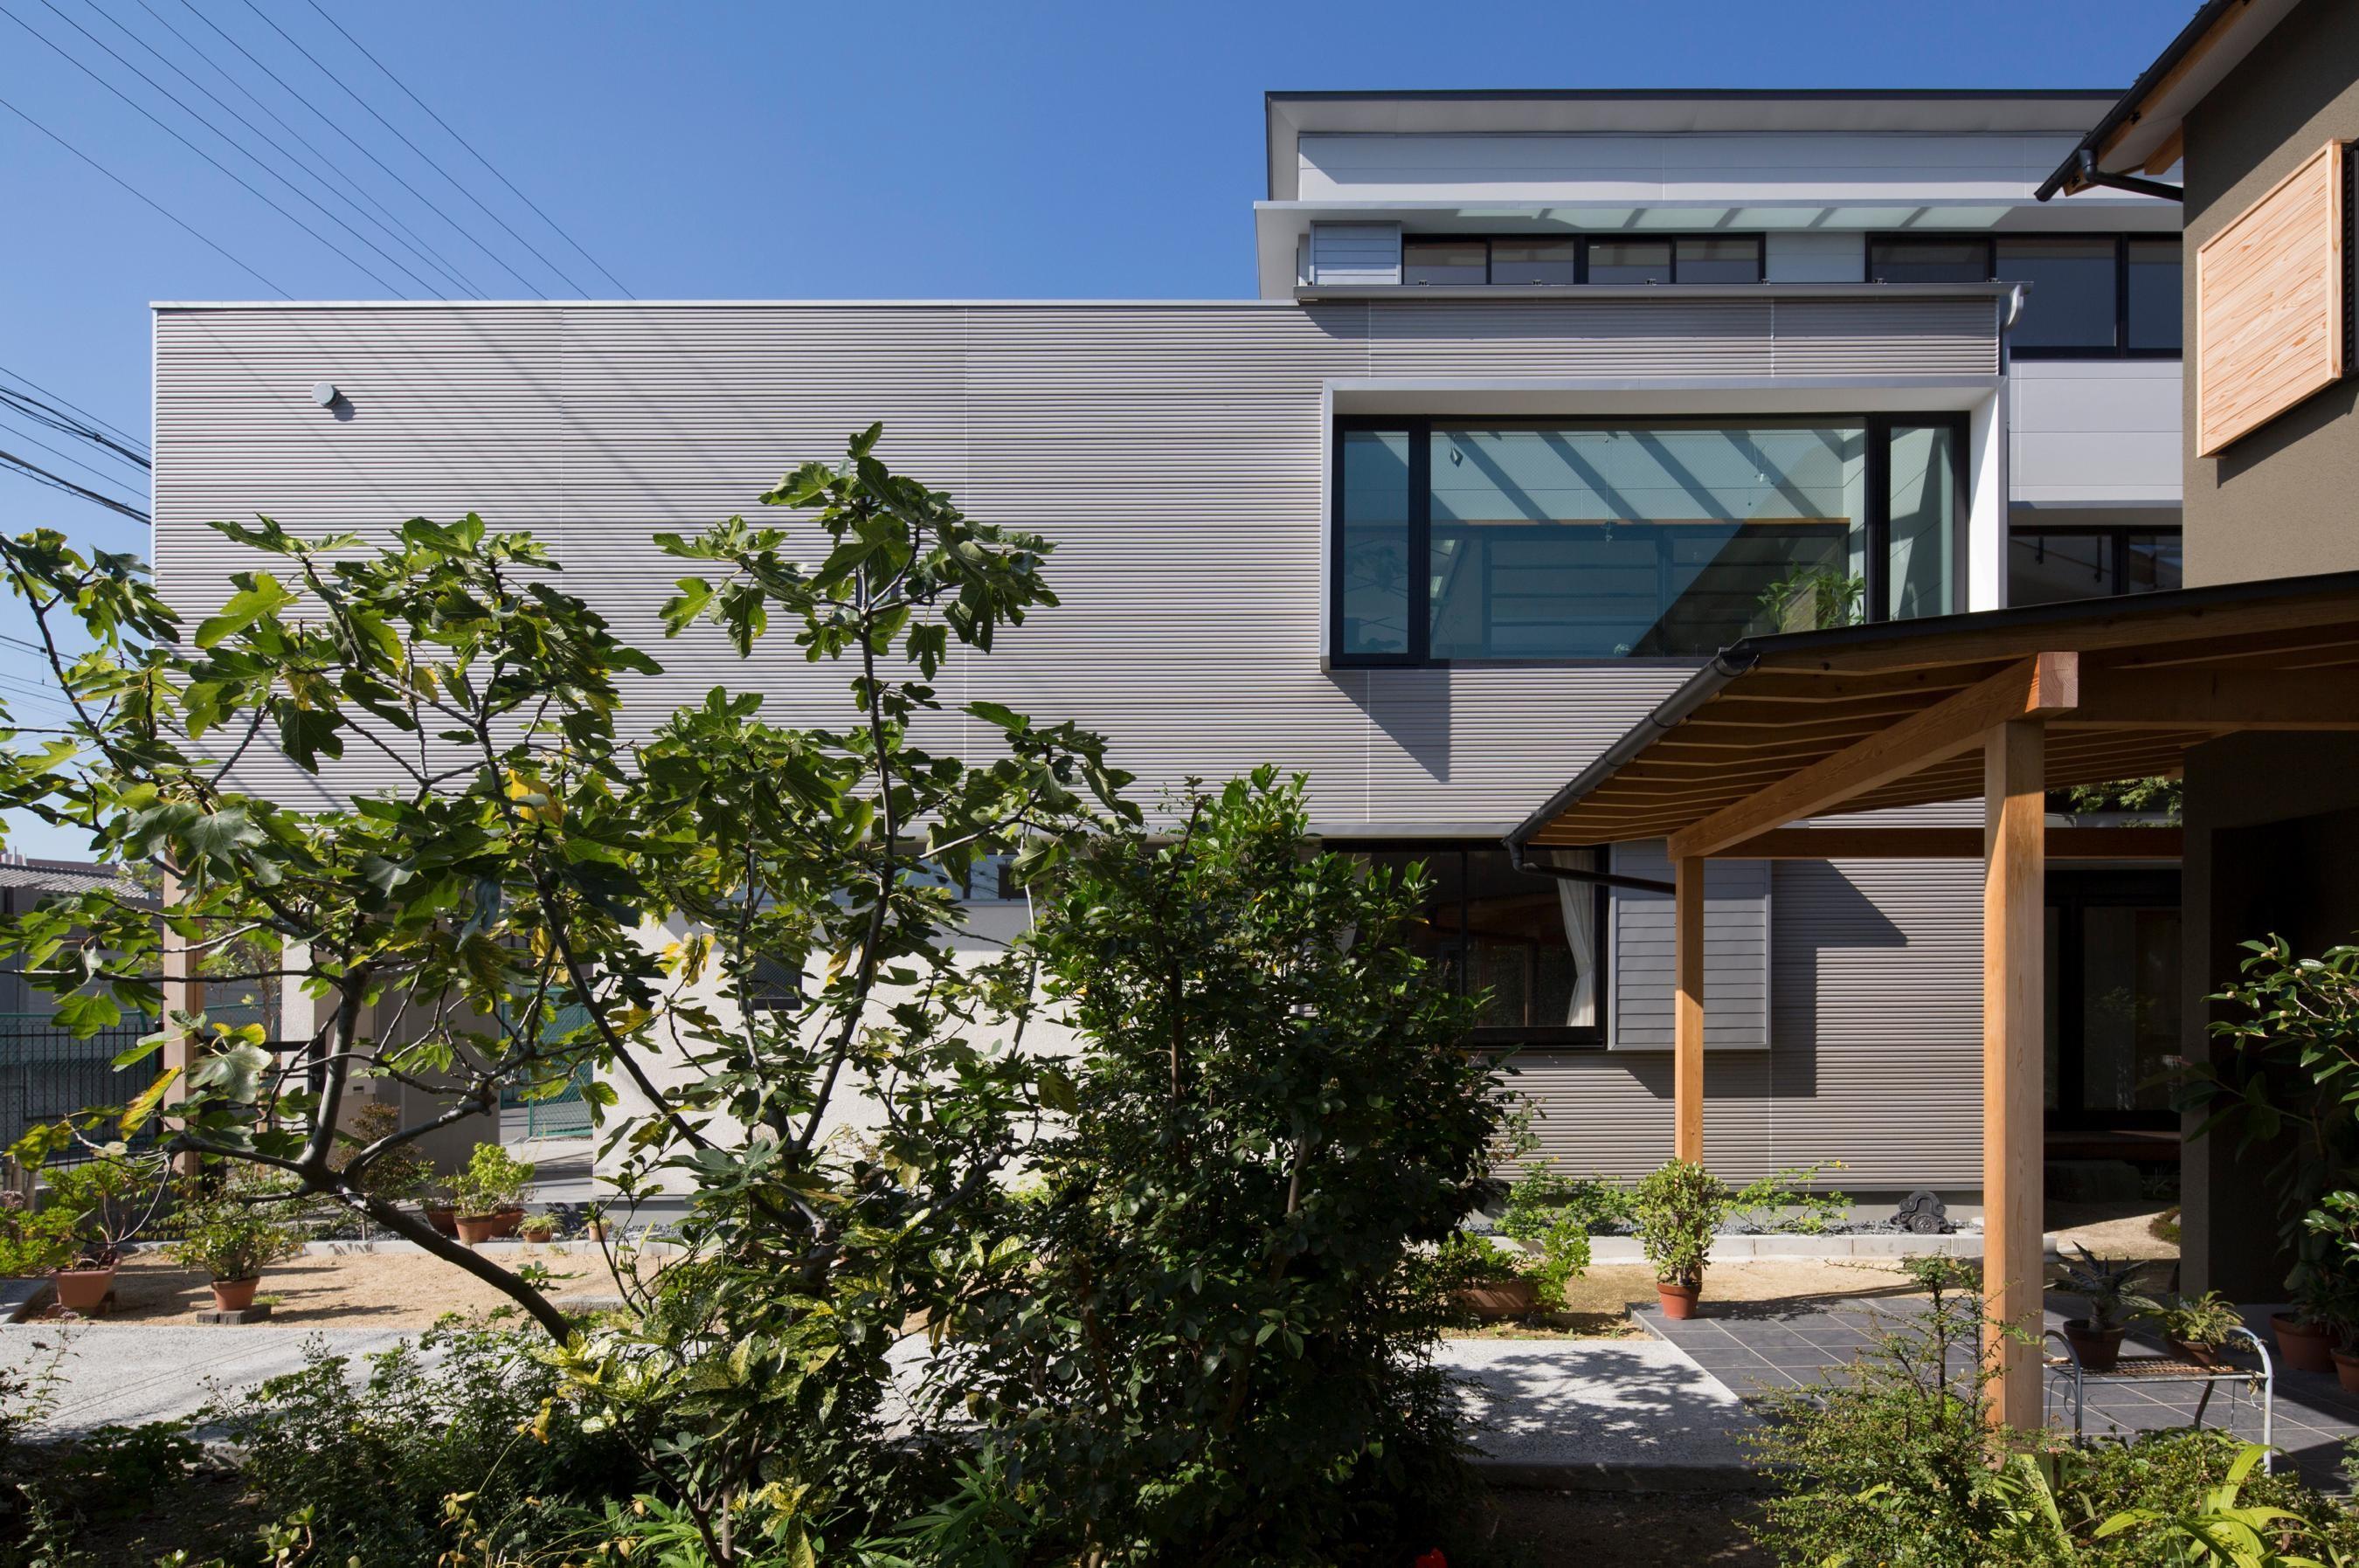 外観事例:外観/(鶴見の家/線路沿いの細長い敷地に建つ木造3階建ての2世帯住宅)